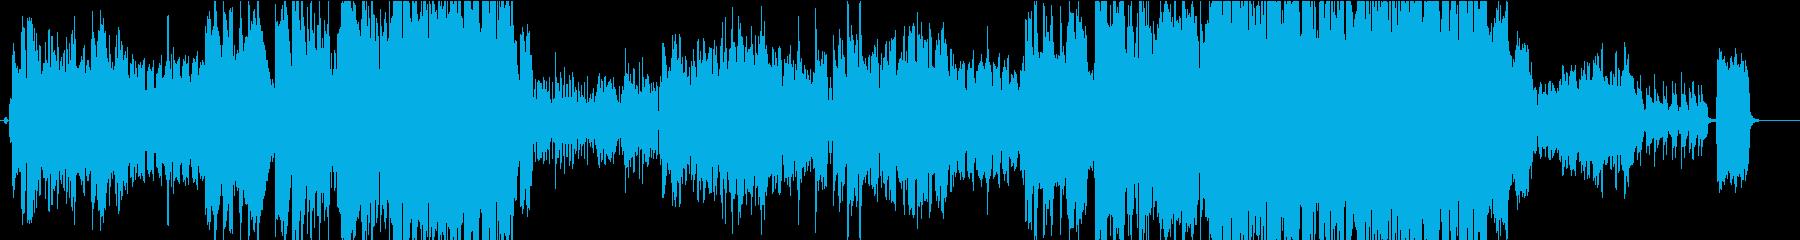 アルカードの再生済みの波形